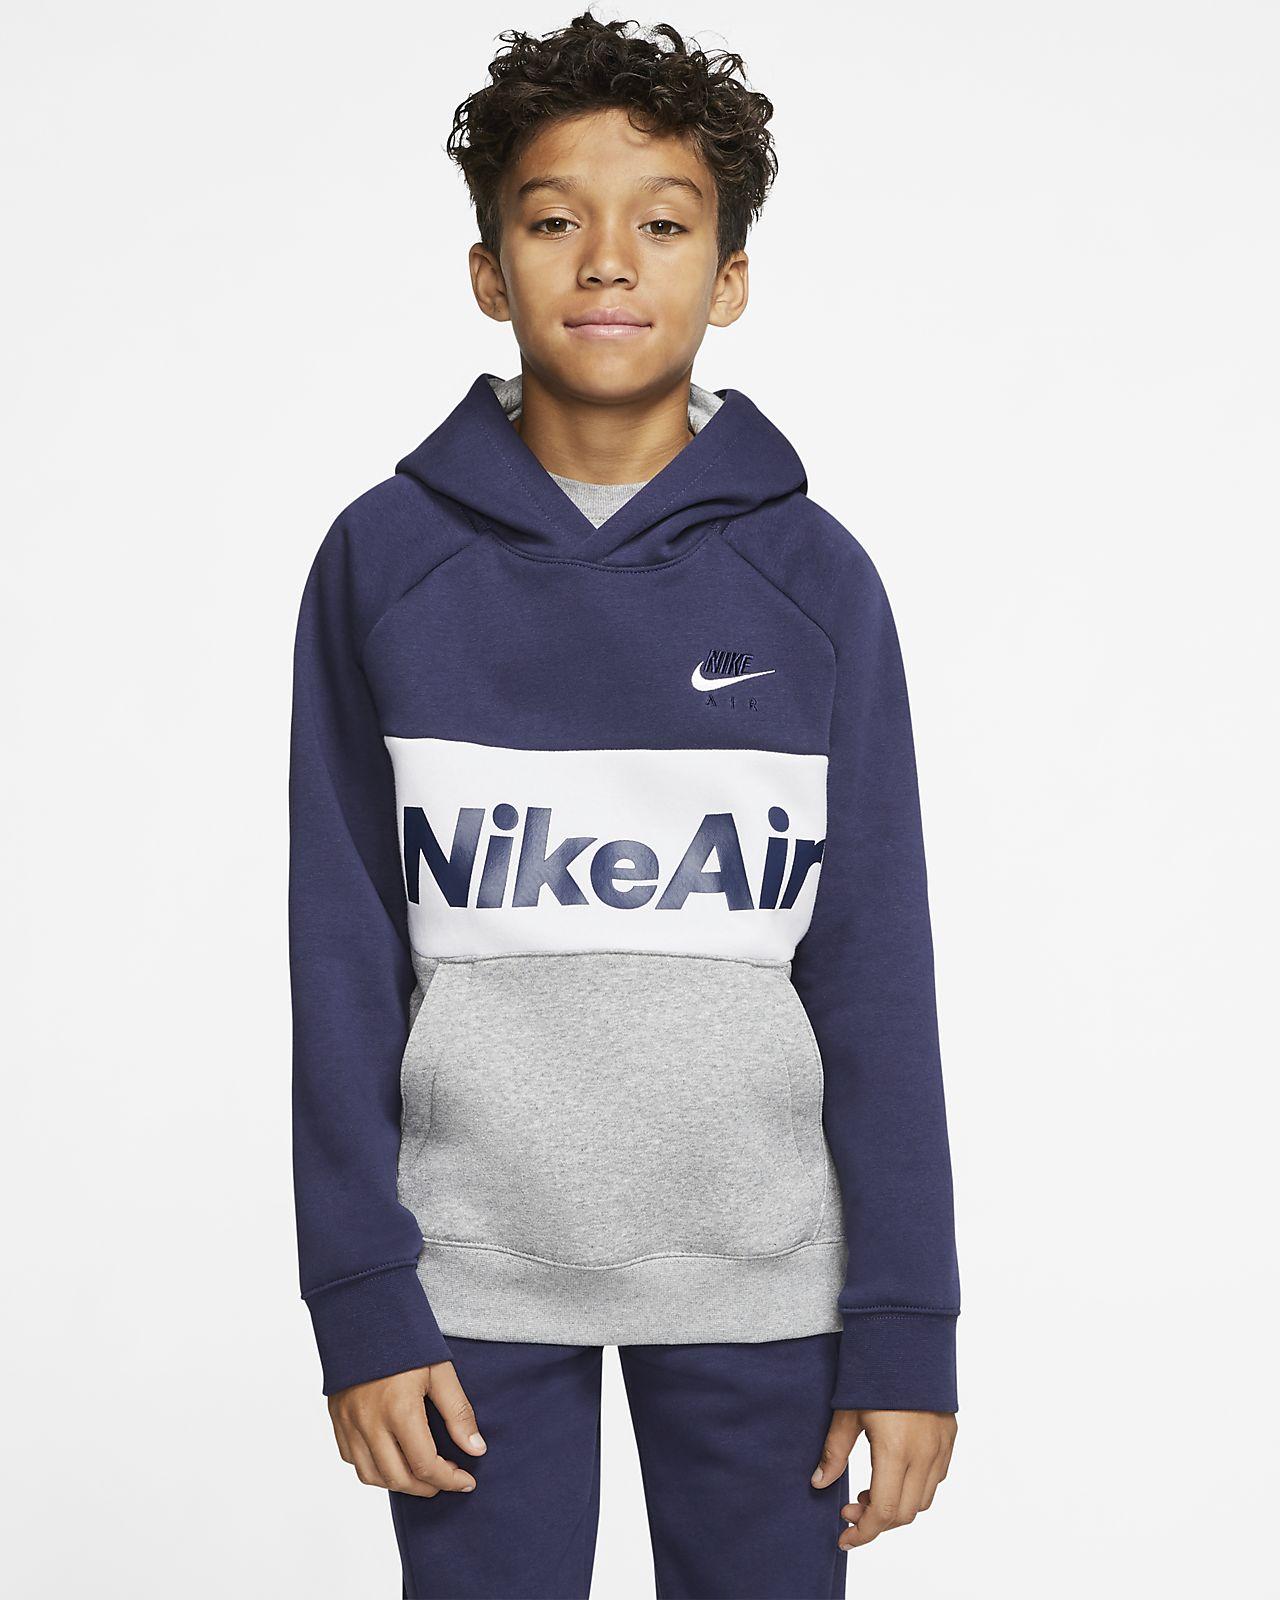 Přetahovací mikina Nike Air s kapucí pro větší děti (chlapce)